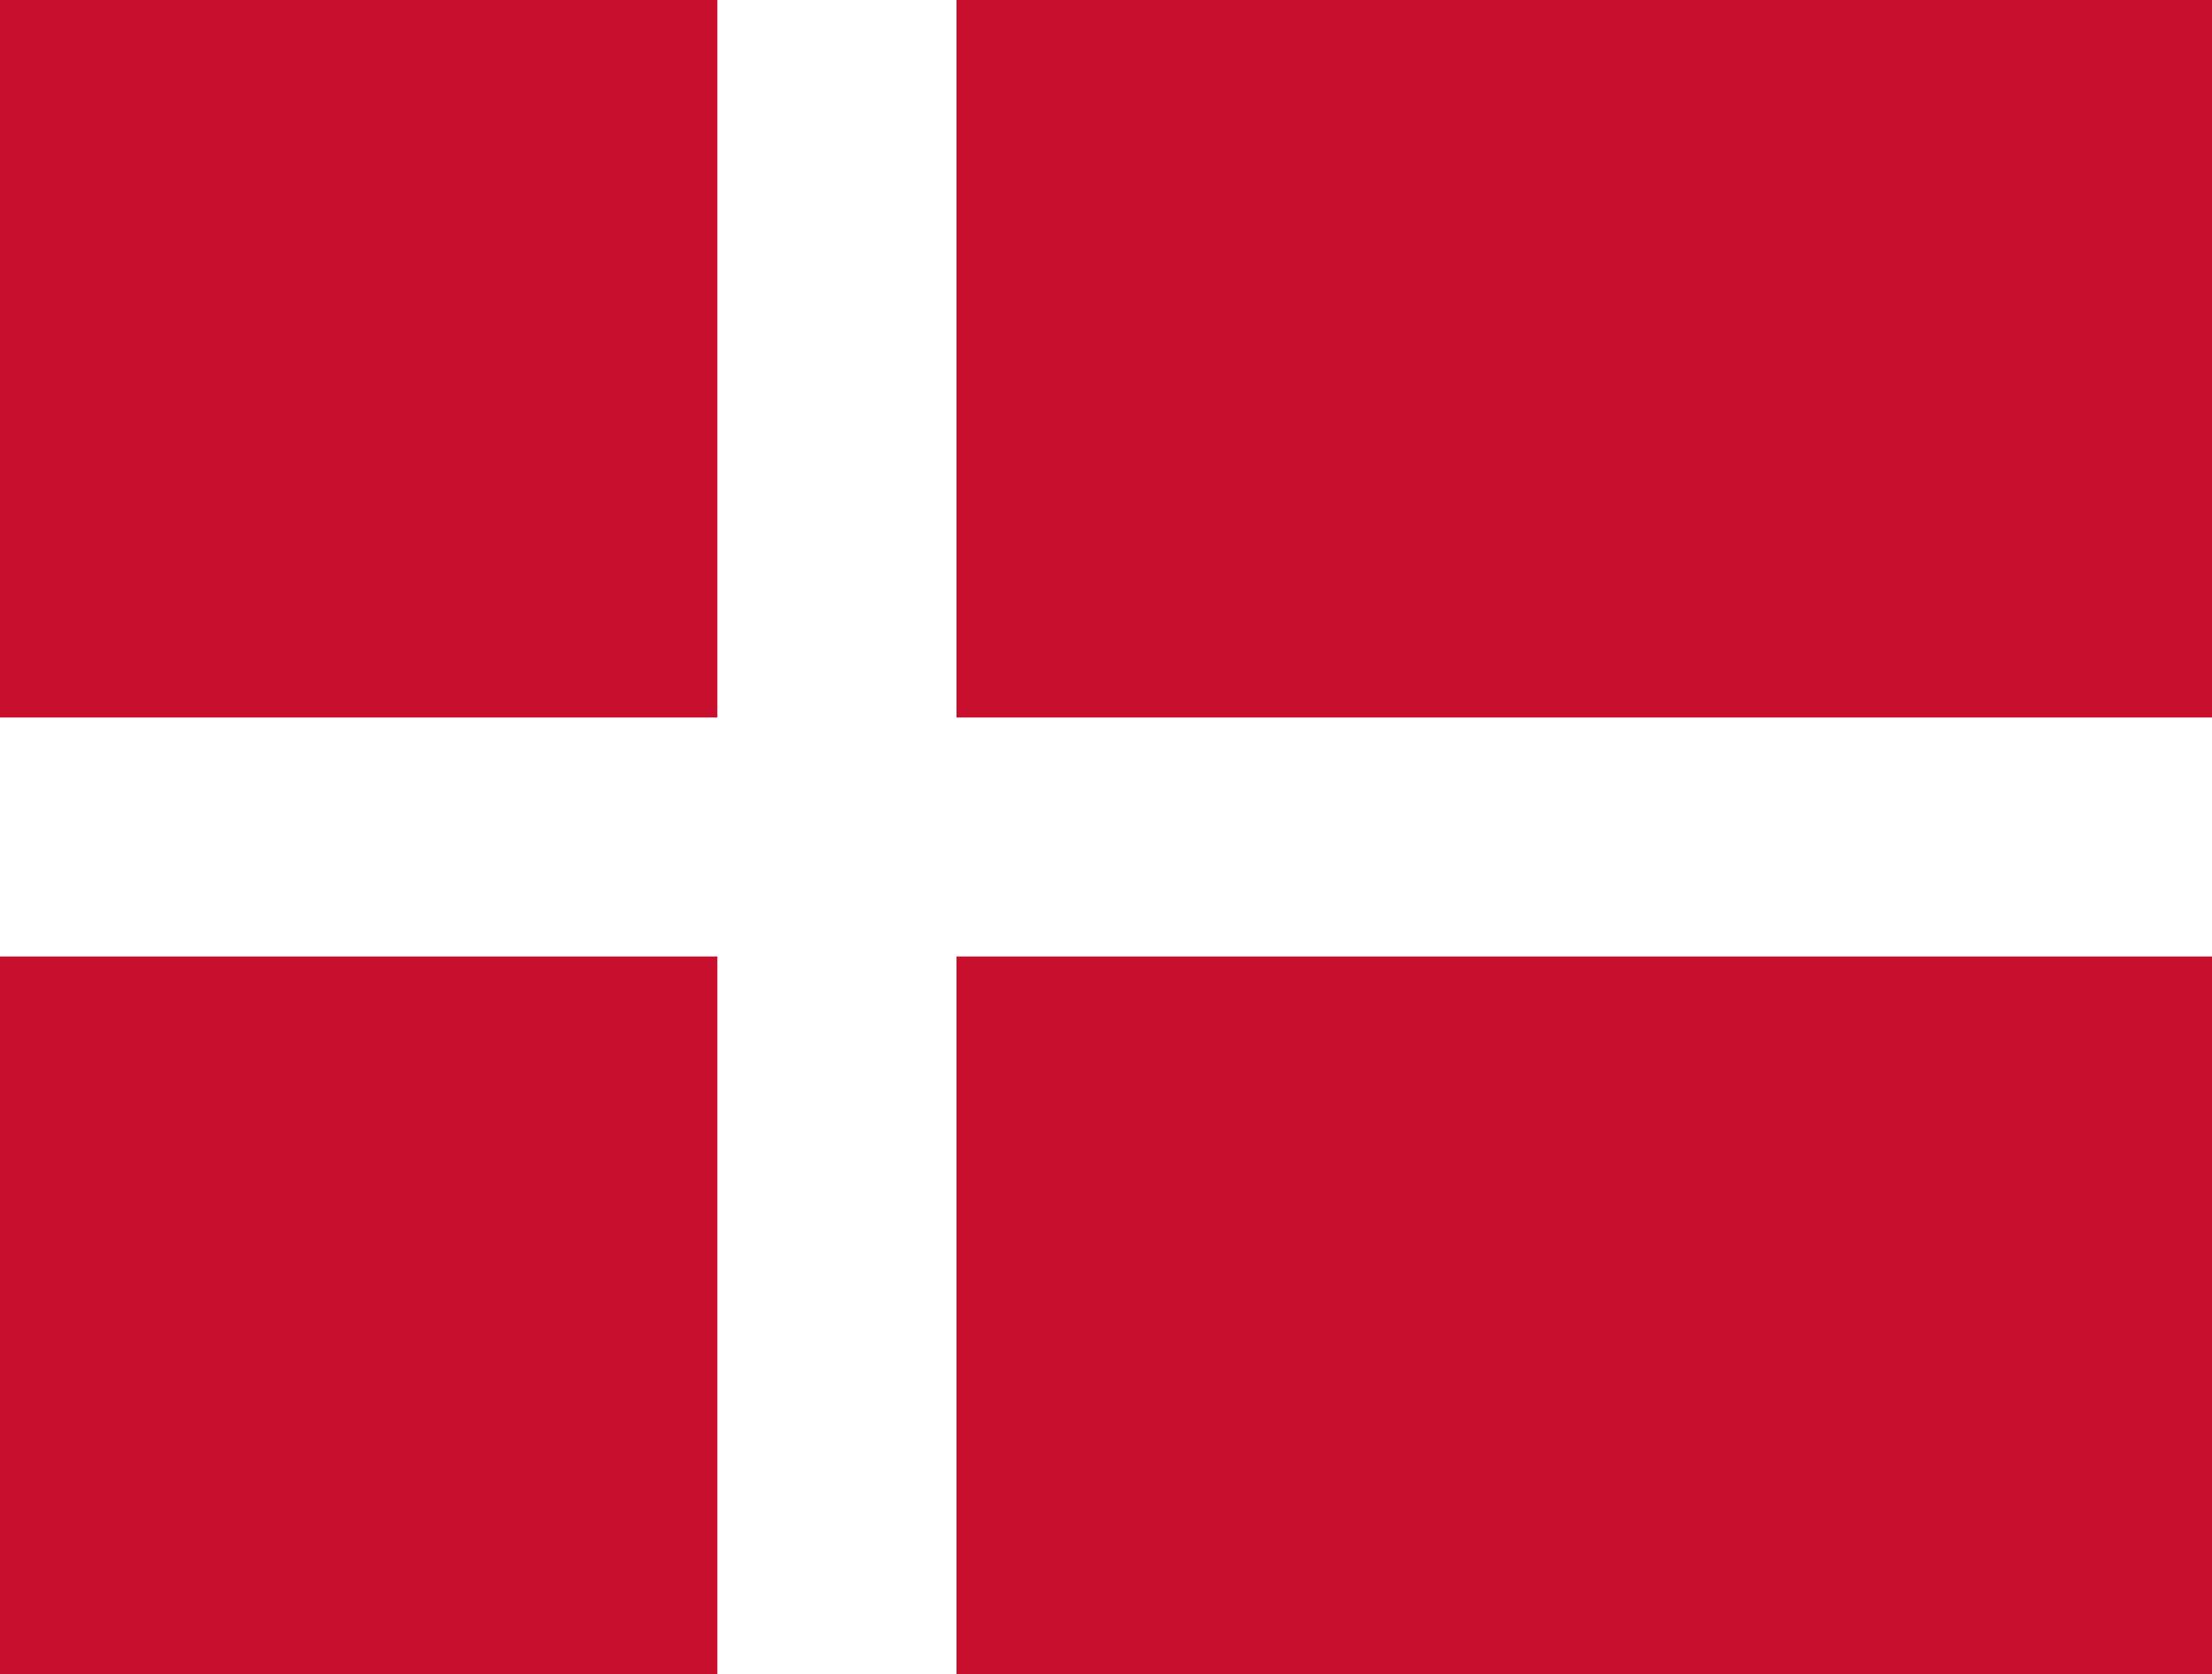 Danimarka Bayrağı 🇩🇰 – Ülke bayrakları